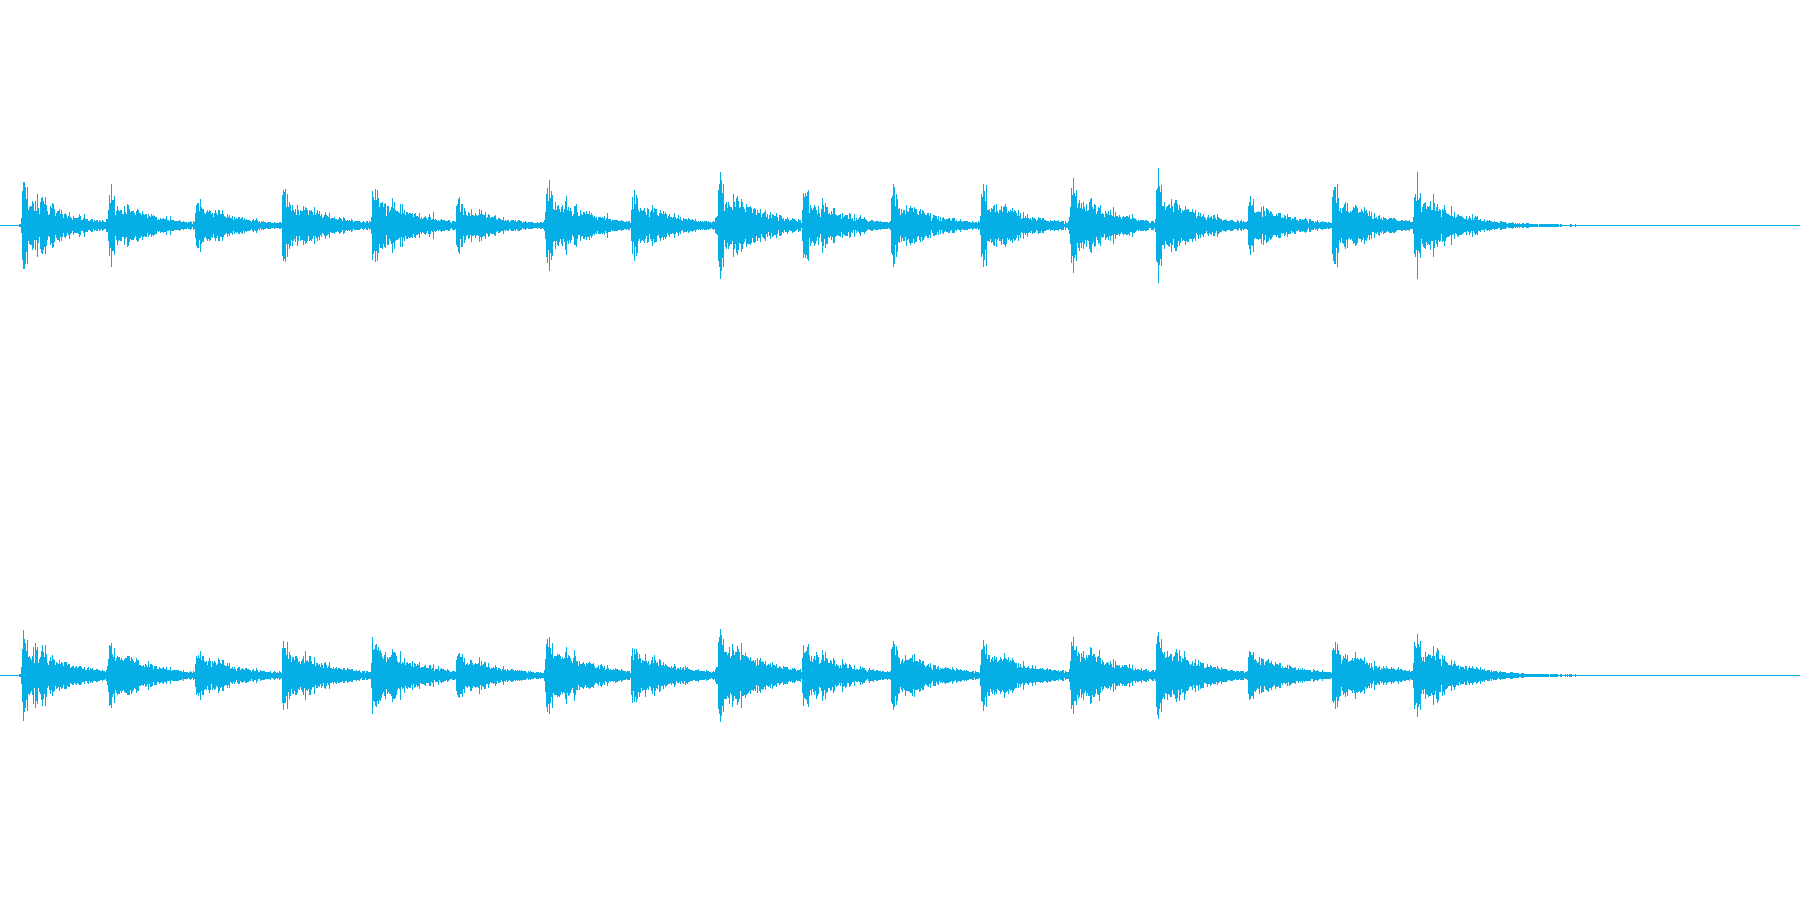 【足音03-4】の再生済みの波形